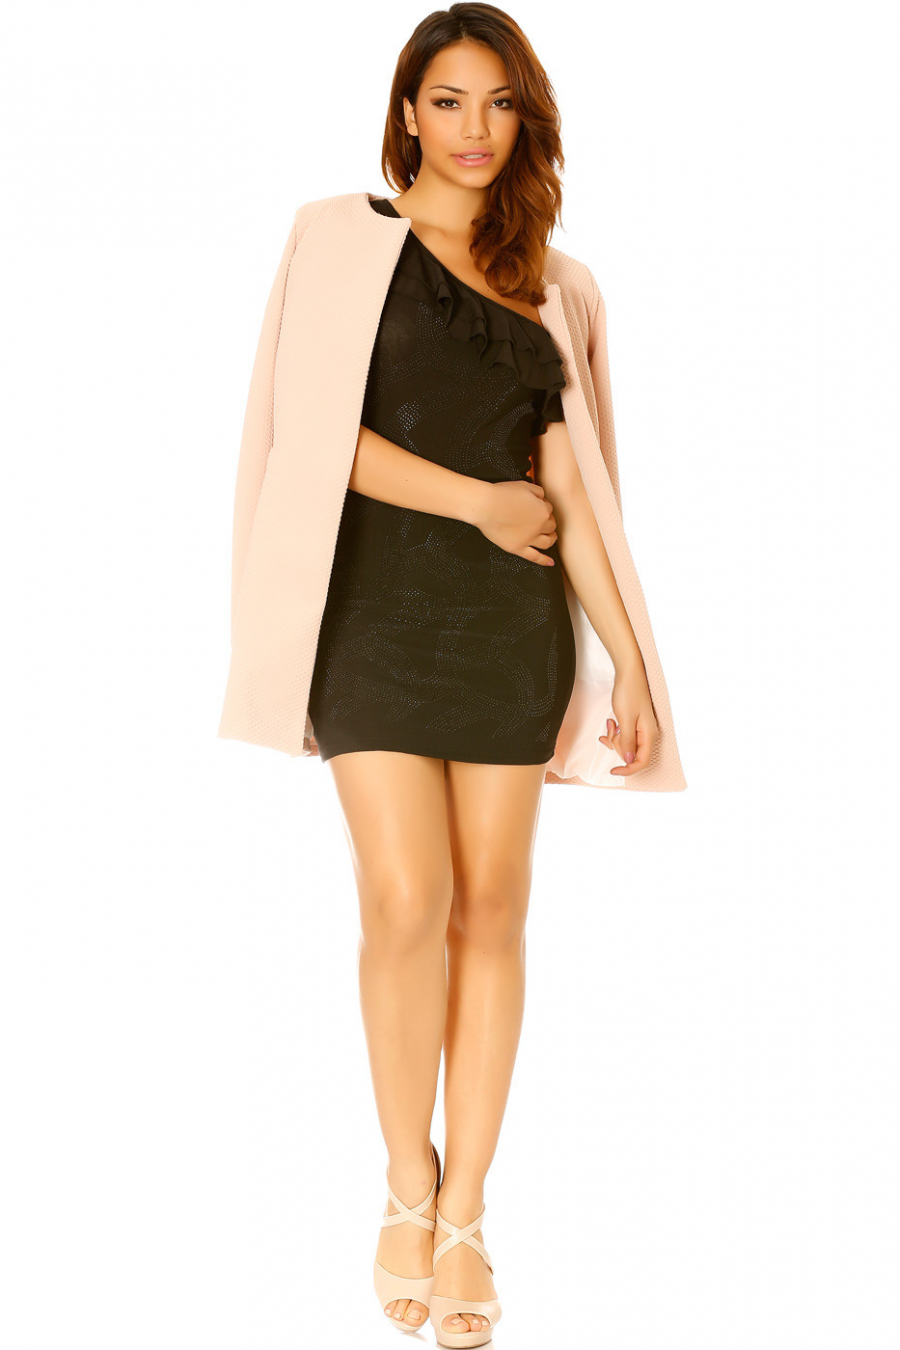 Zwarte jurk met off-shoulder en strass steentjes aan de voorkant - A0111